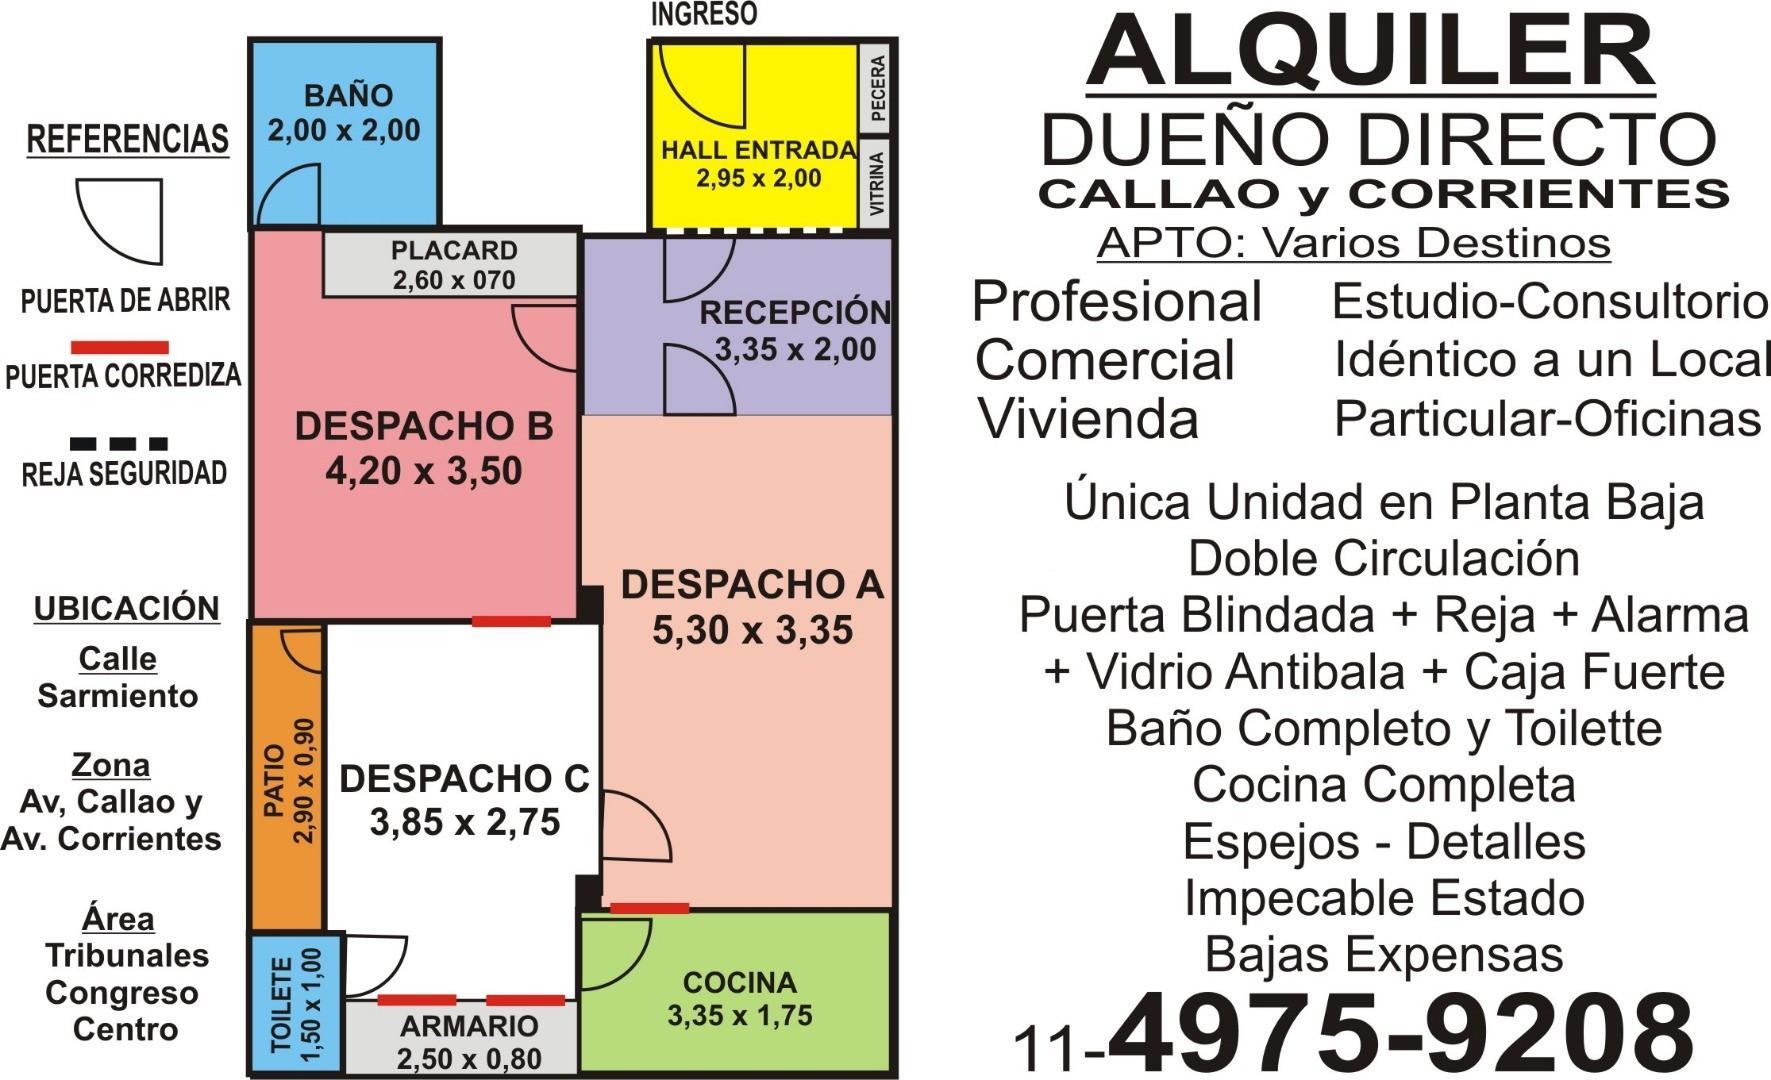 Congreso-Tribunales-Once ALQUILER DUEÑO DIRECTO  Oficina-Consultorio-Estudio-Vivienda Dueño Directo